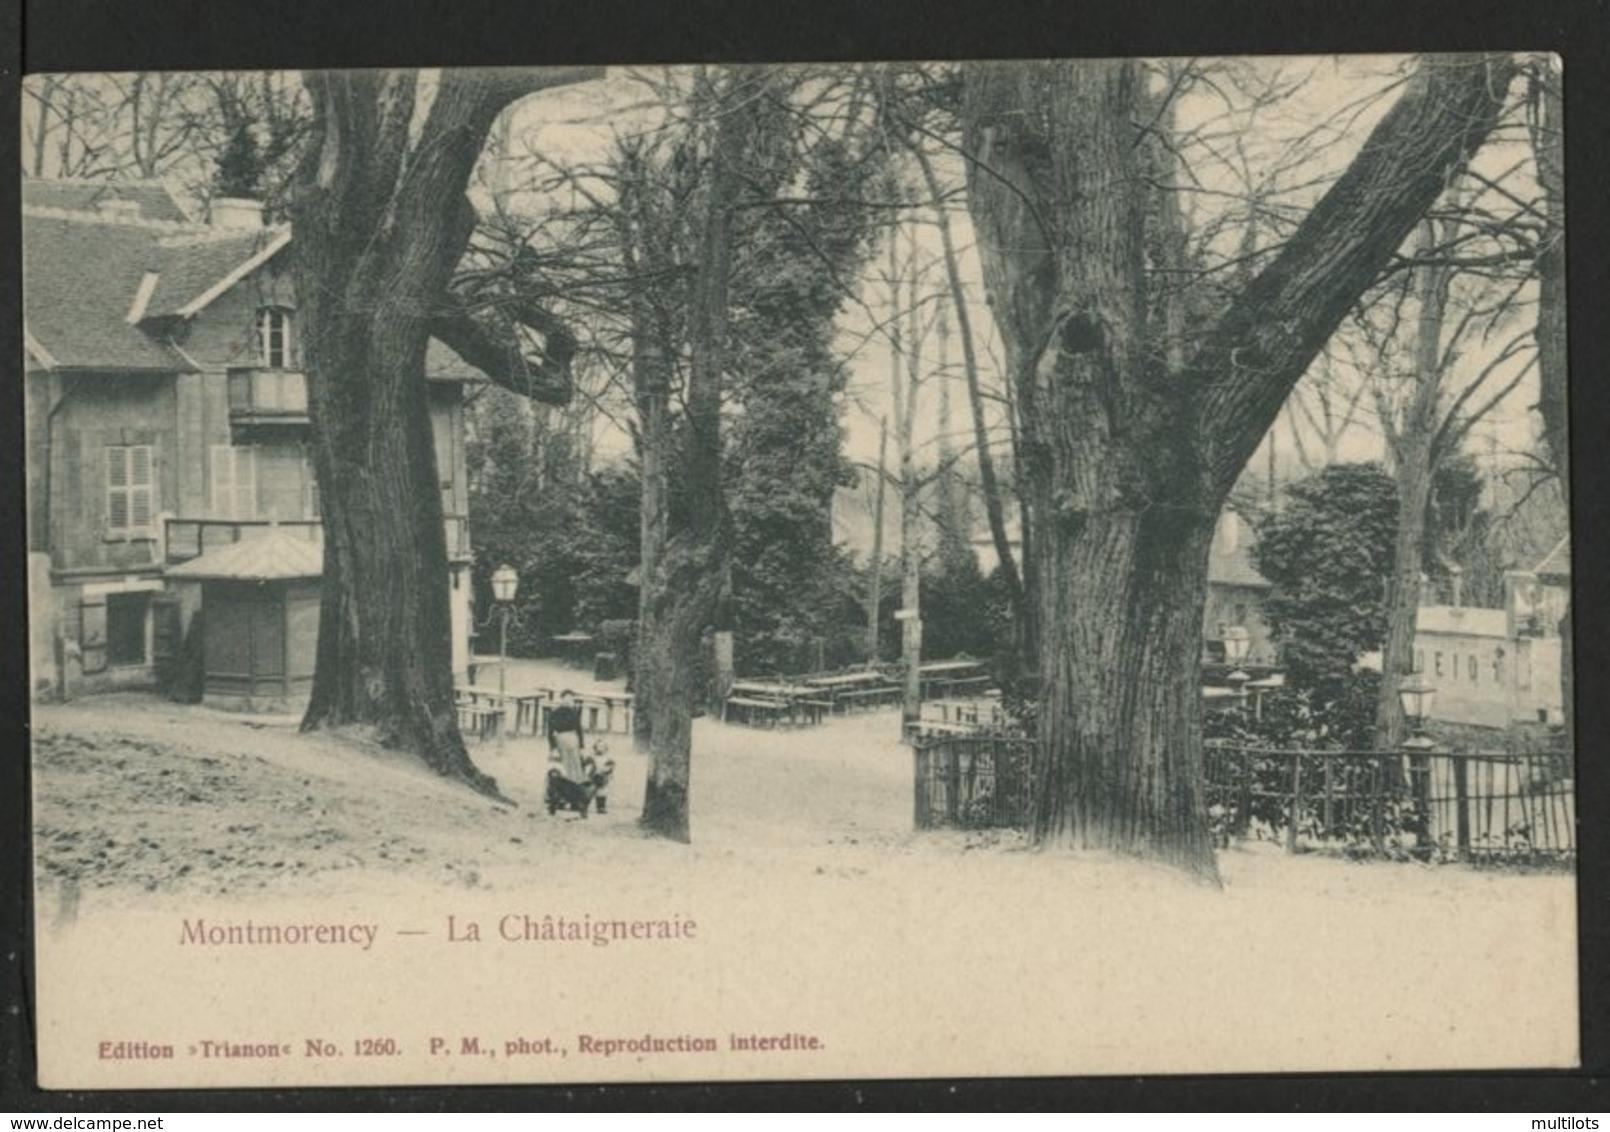 ML642 - MAGNIFIQUE Lot De 50 CPA , Très Belles CPA à L'intérieur  ! à Ne Surtout Pas Rater !!! .... - Postcards